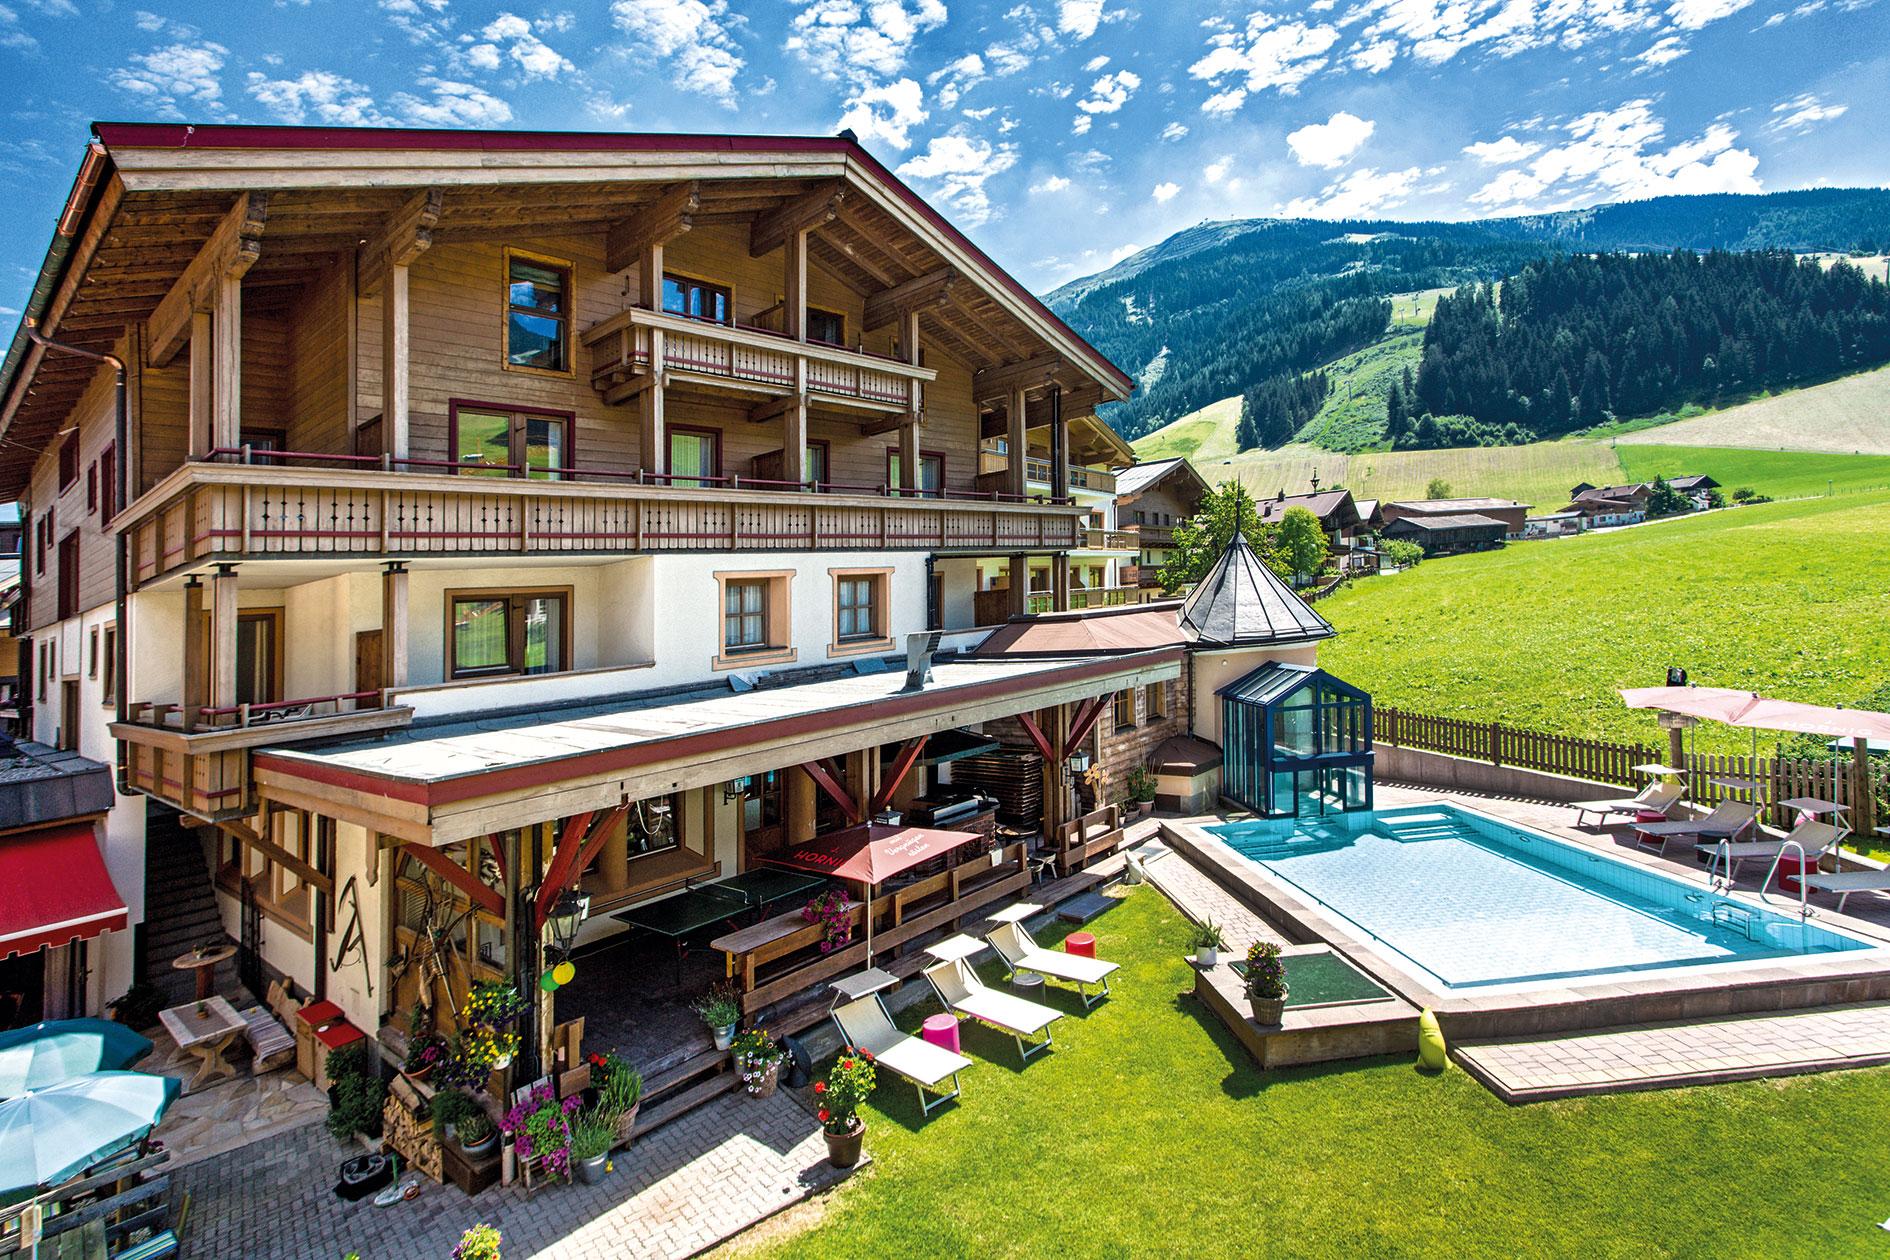 Hotel Hasenauer Außenansicht mit Sommer mit Pool